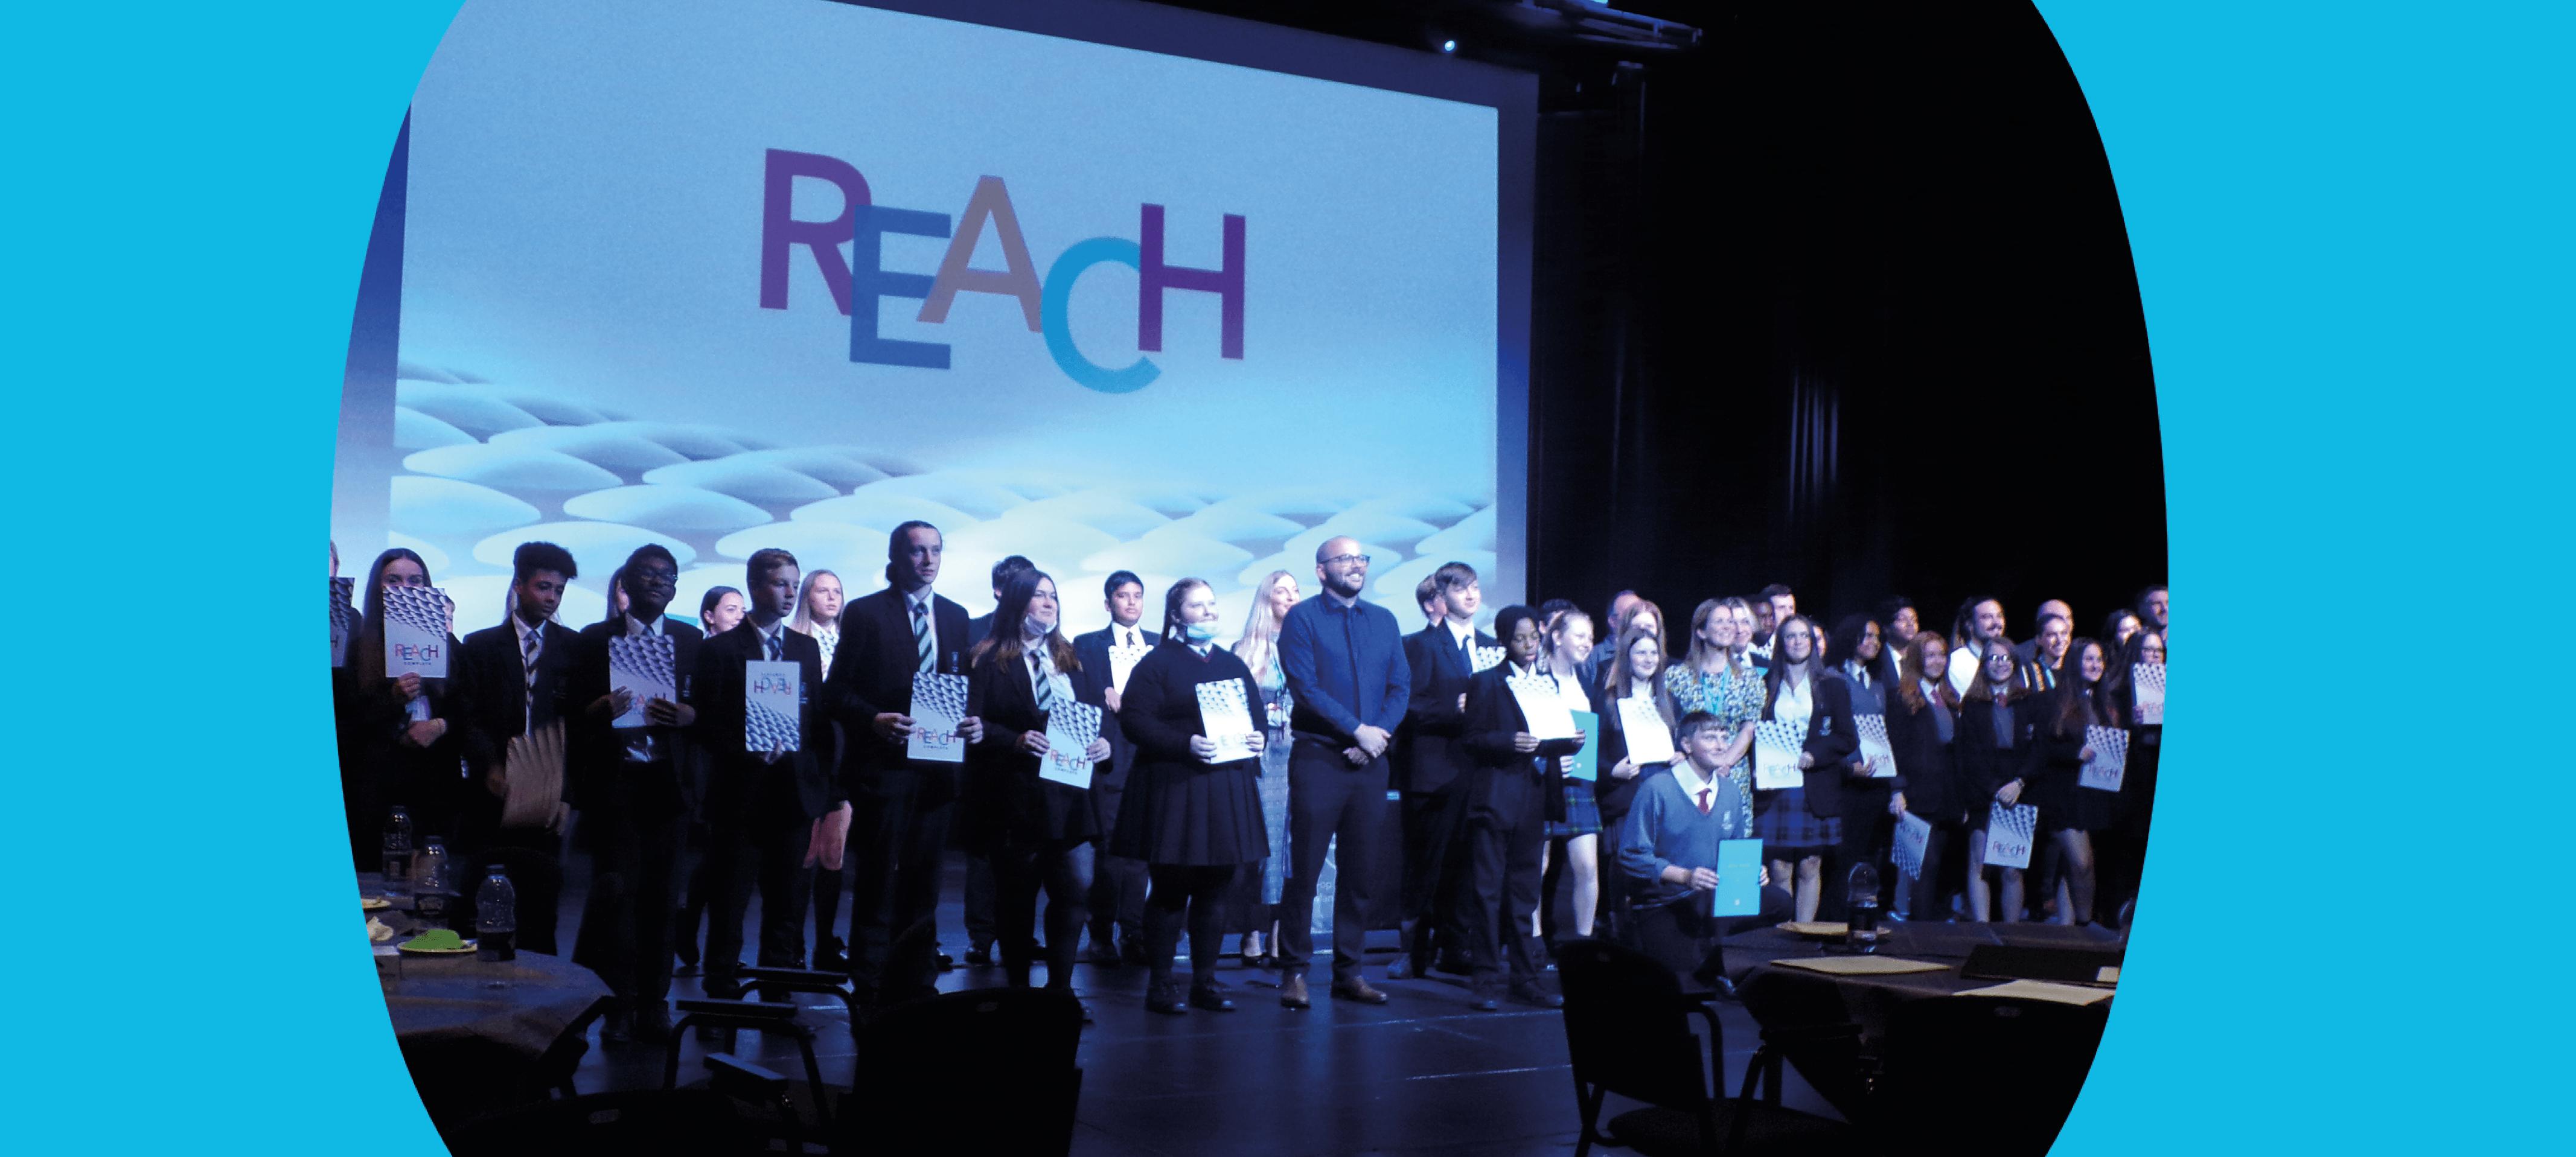 Reach Celebration Event